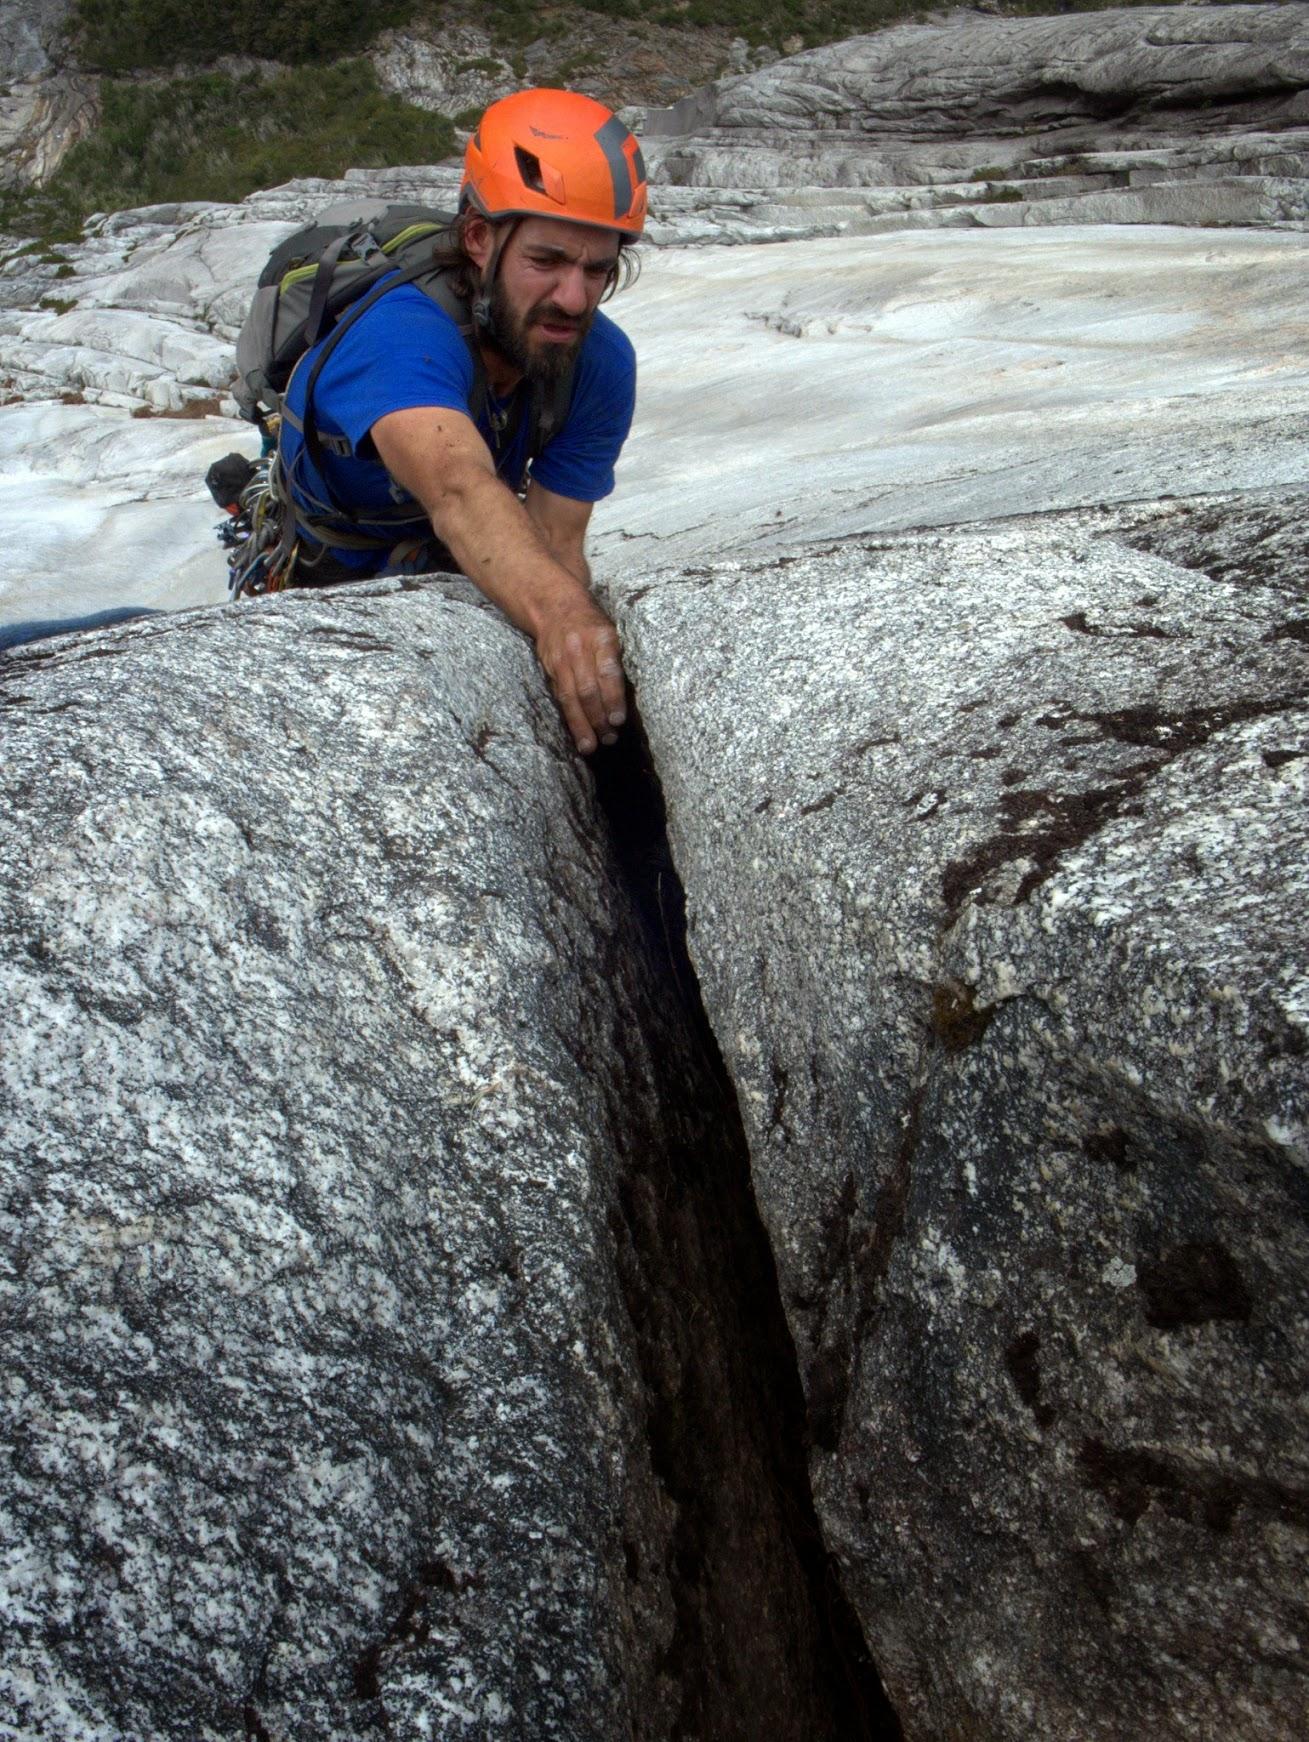 Chance Traub sube Positive Affect (5.12b, 975 m) sobre la pared del Arco Iris. © Drew Smith